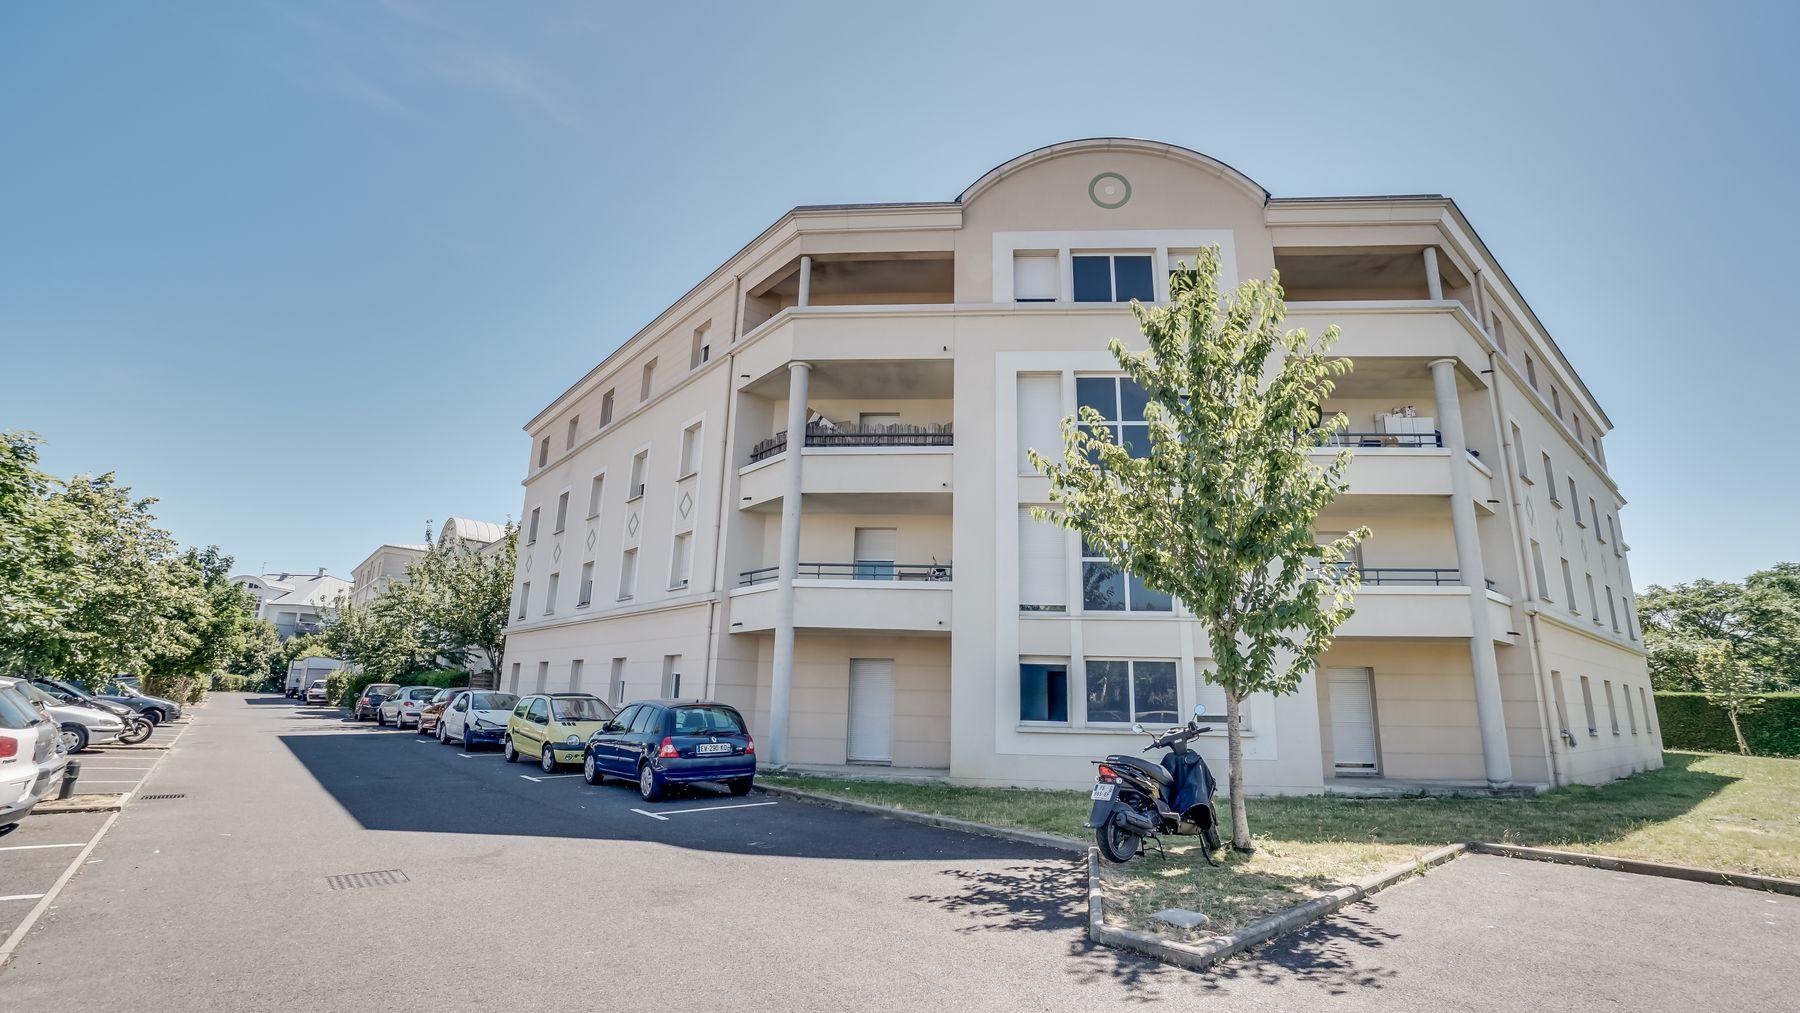 LOGIFAC résidence étudiante Picasso Villeneuve localisation